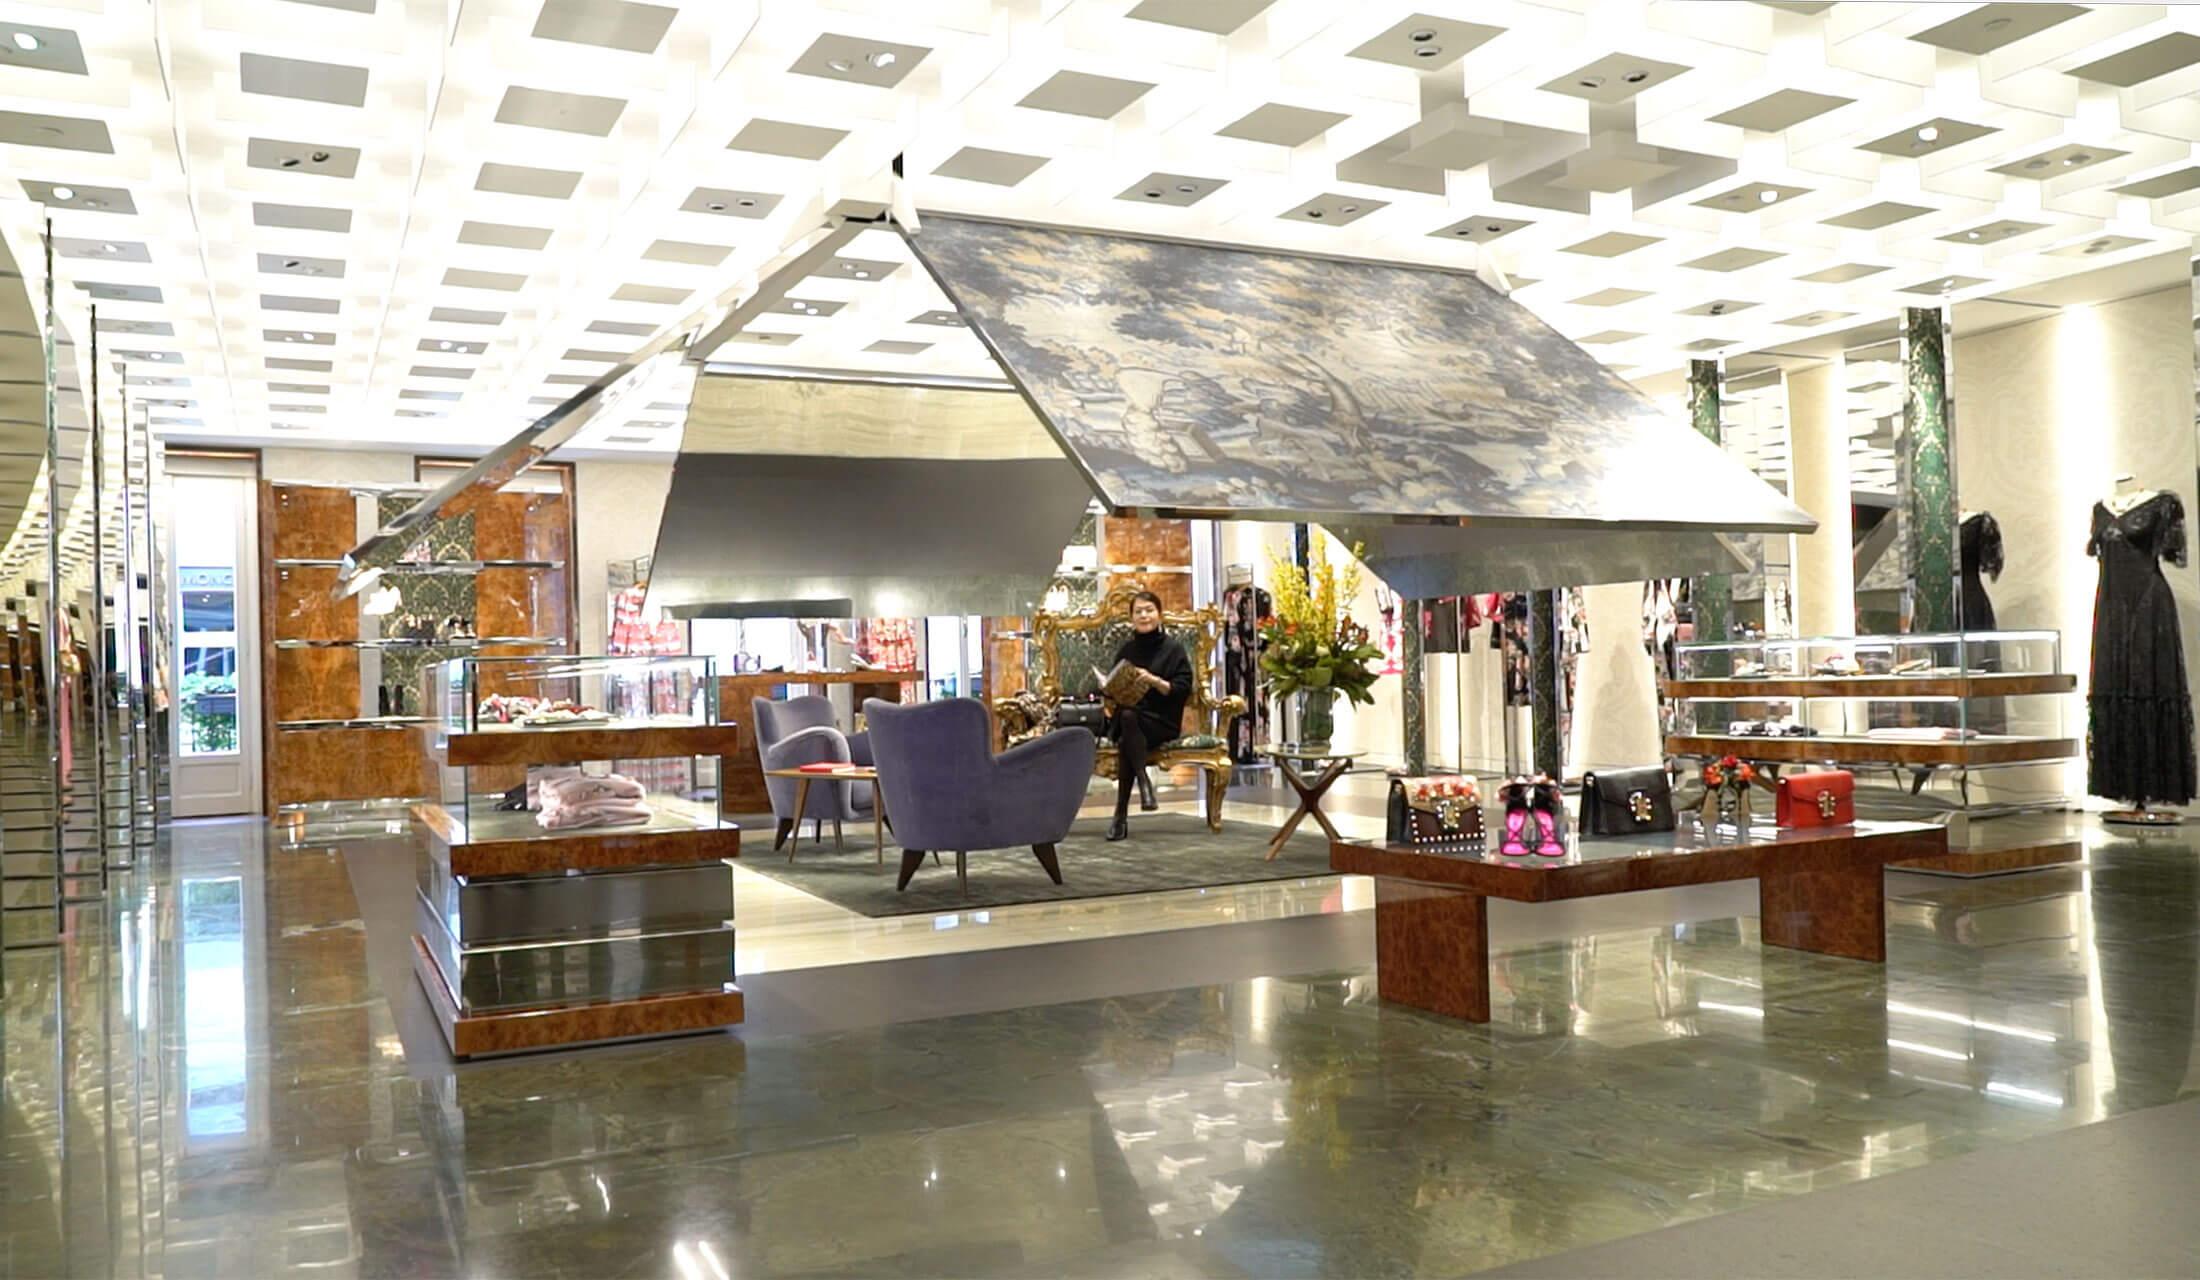 ドルチェ&ガッバーナのミラノ・モンテナポレオーネ店の自動で開閉する3Dパネル